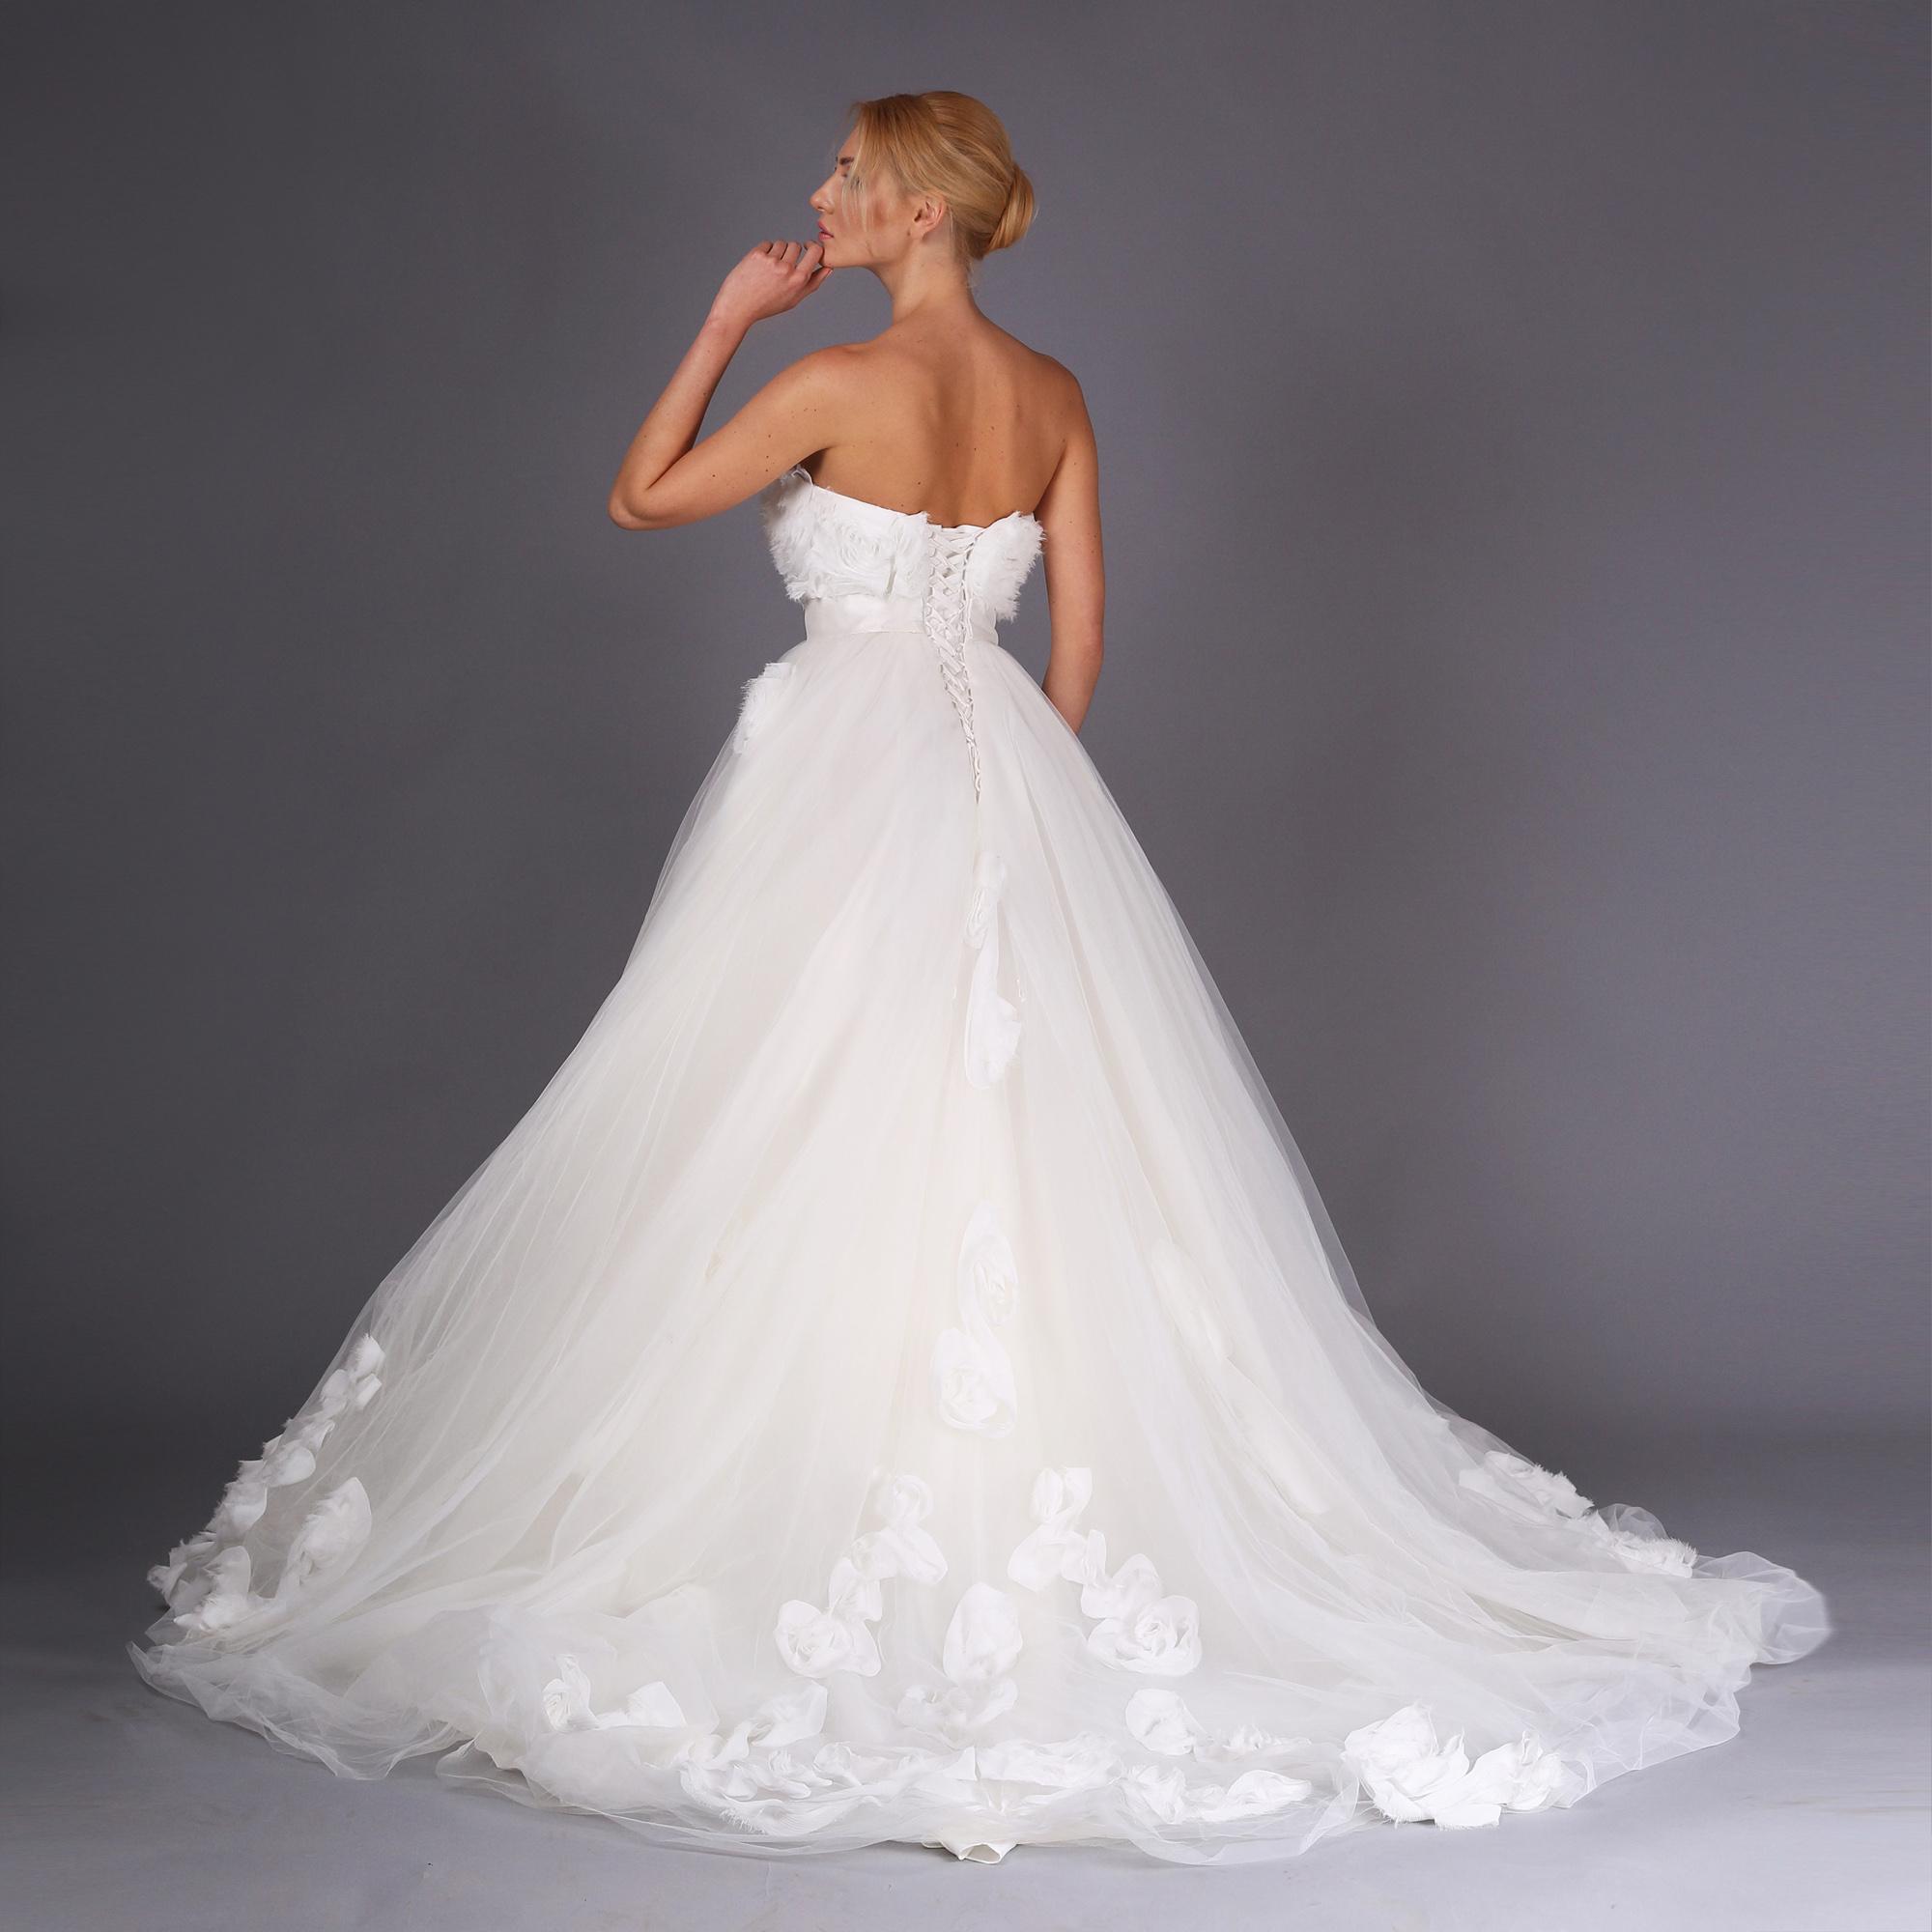 Як вибрати весільну сукню за типом фігури - культурне життя України ... 4c288d0adb121